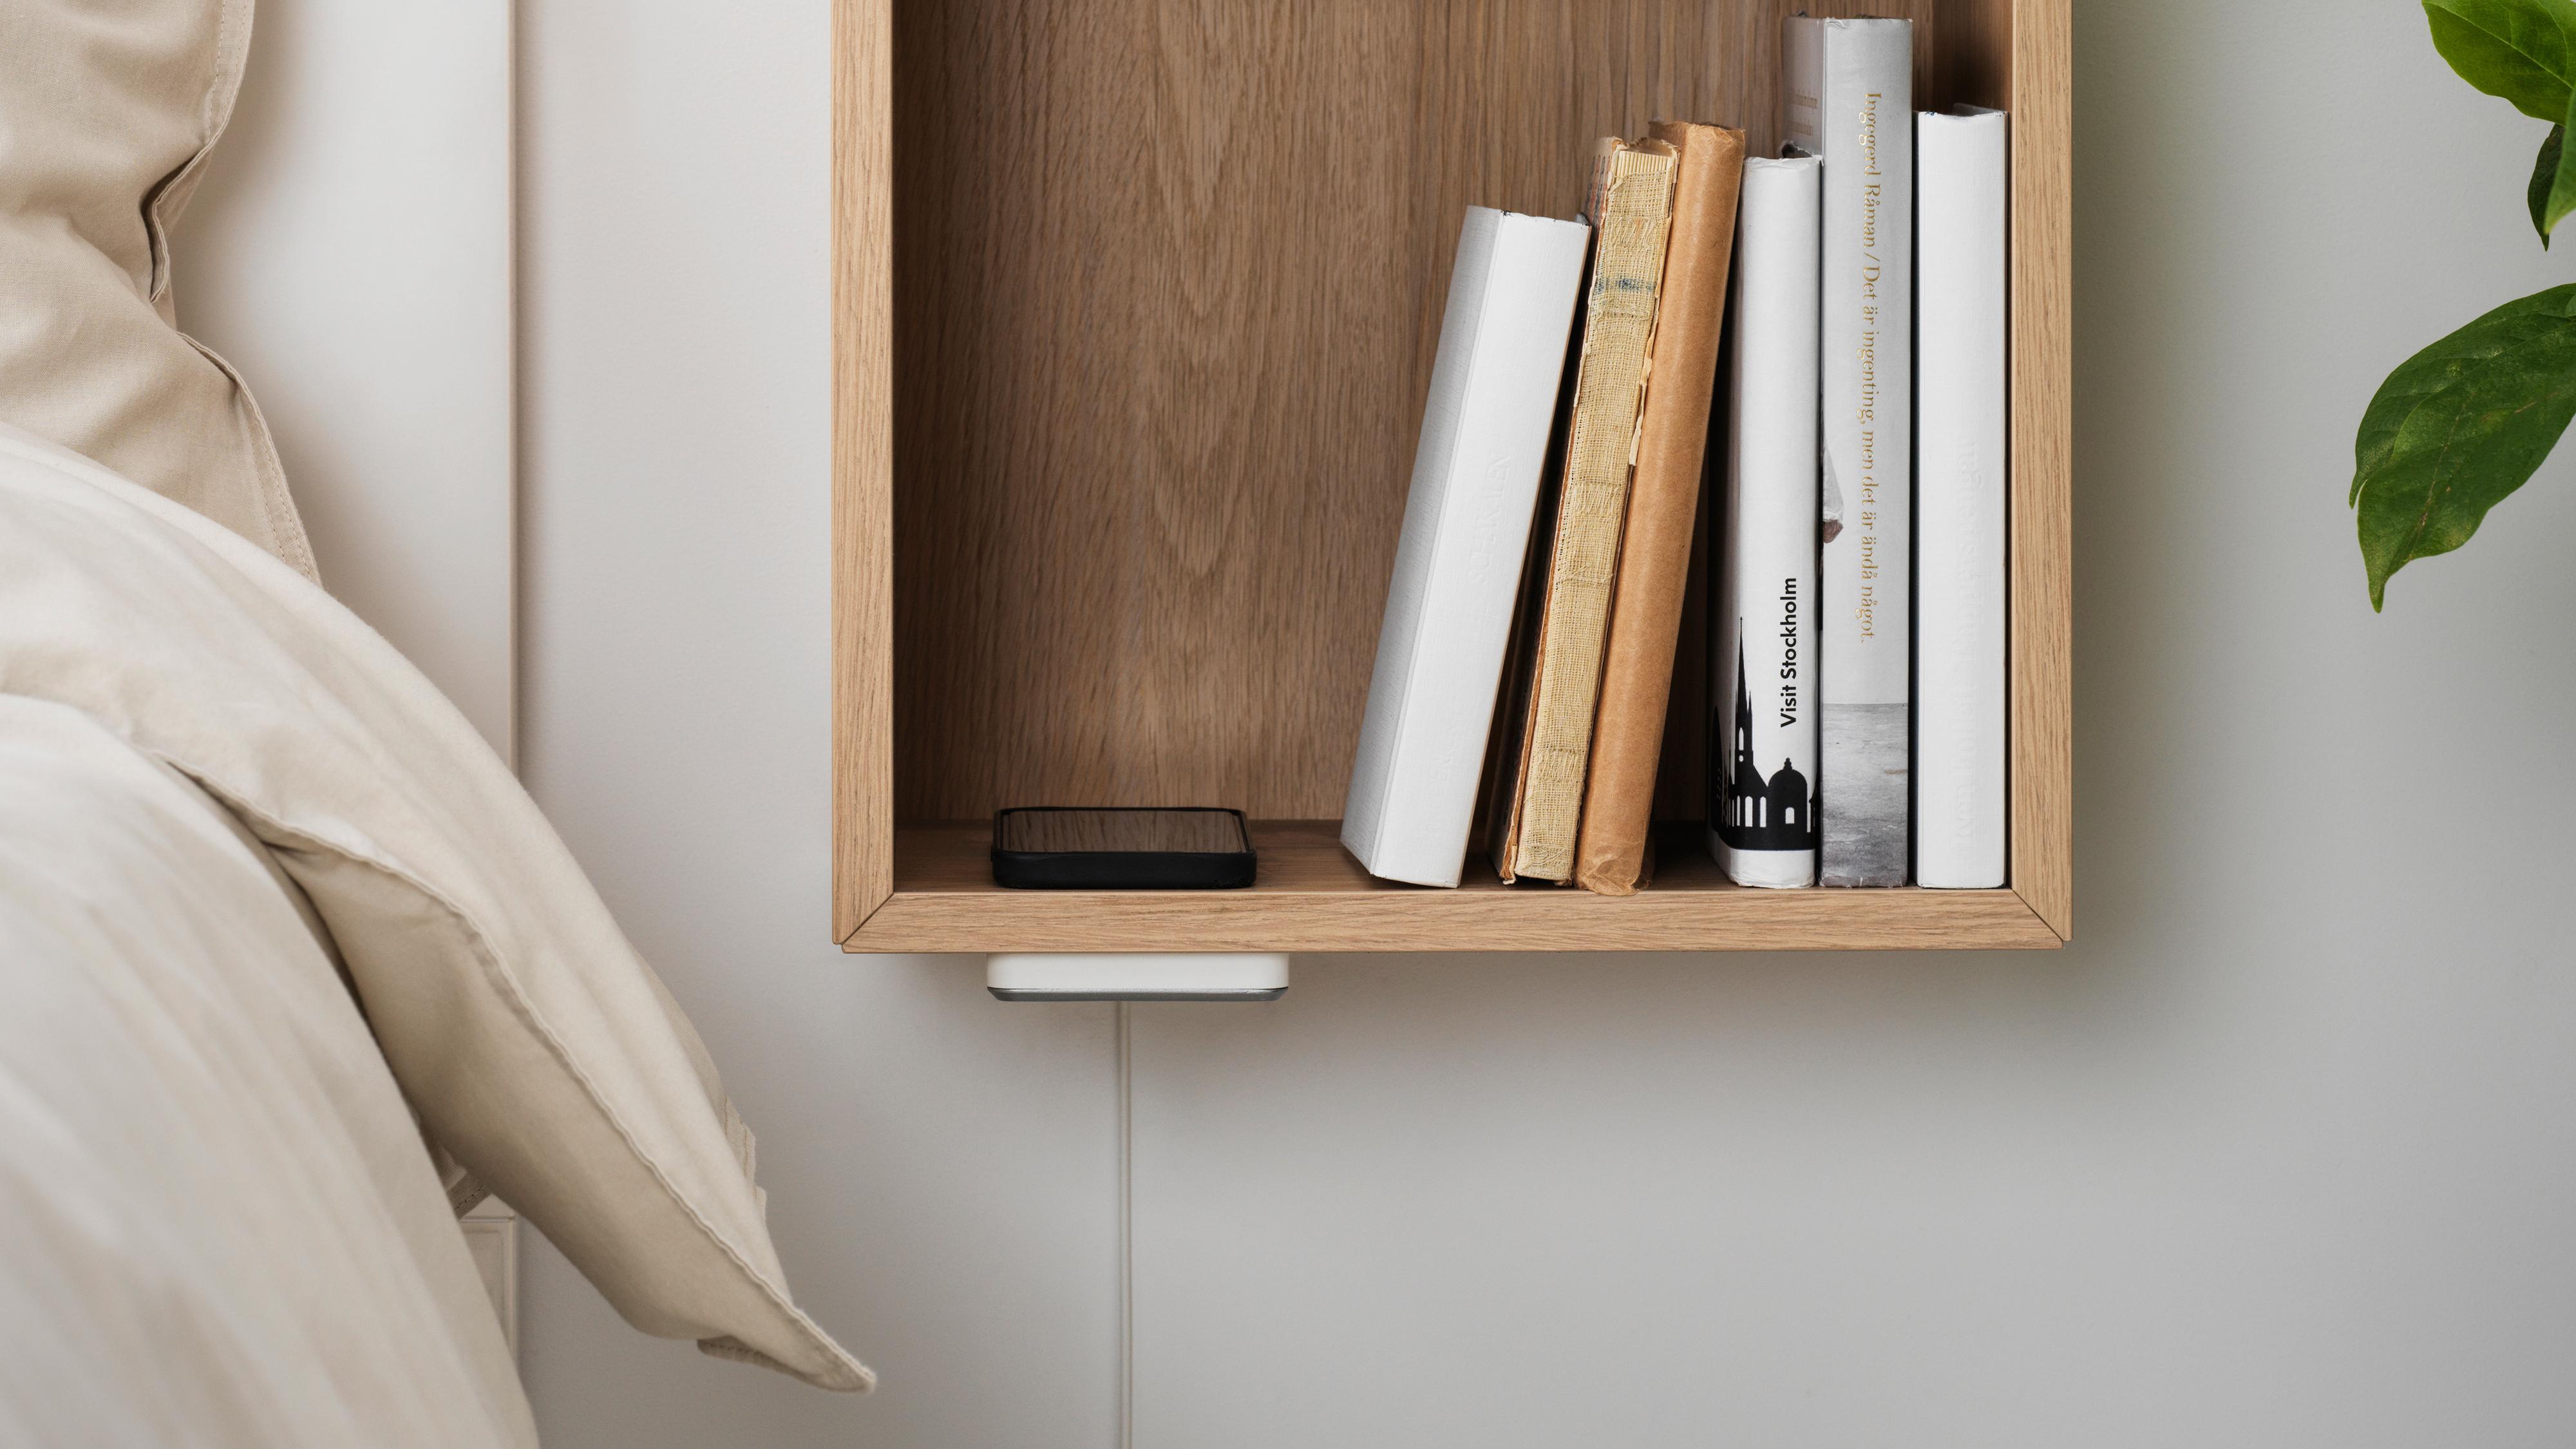 Ikeas nye dings lader gjennom bordplaten